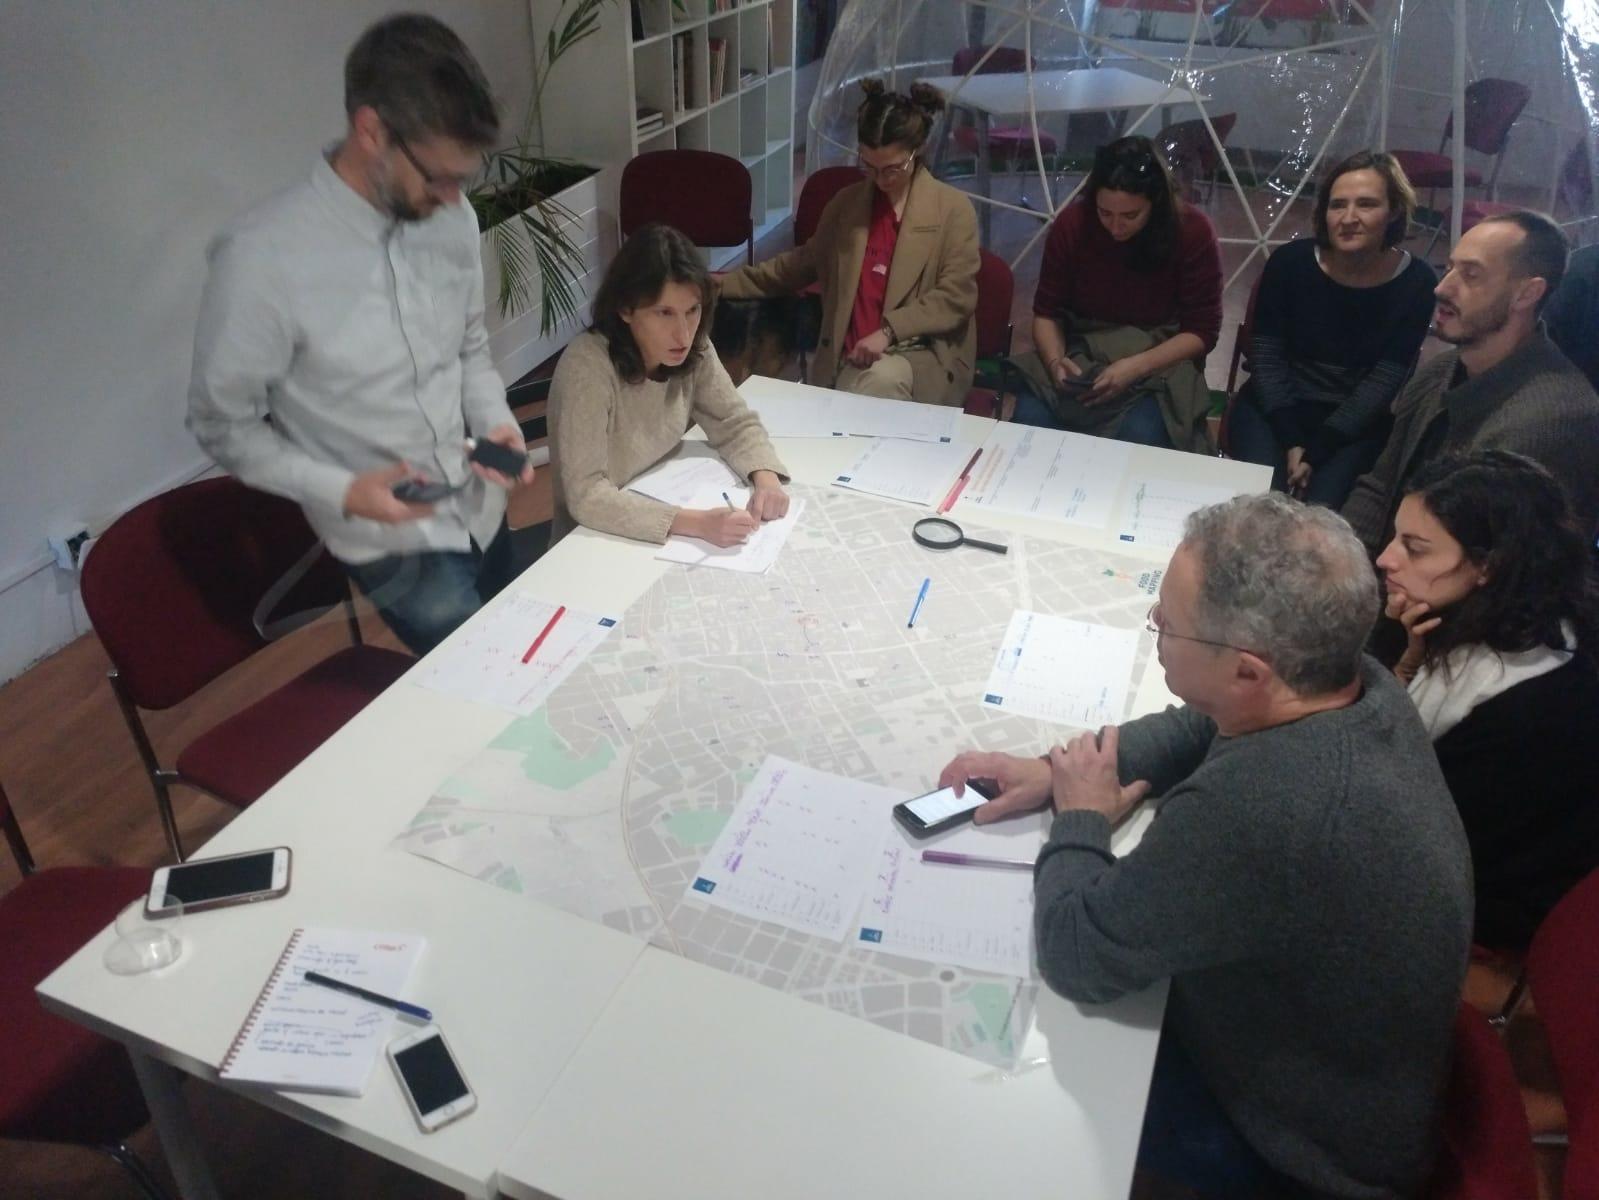 Debat i recollida de dades sobre els voluntaris al barri de Gràcia, a Barcelona